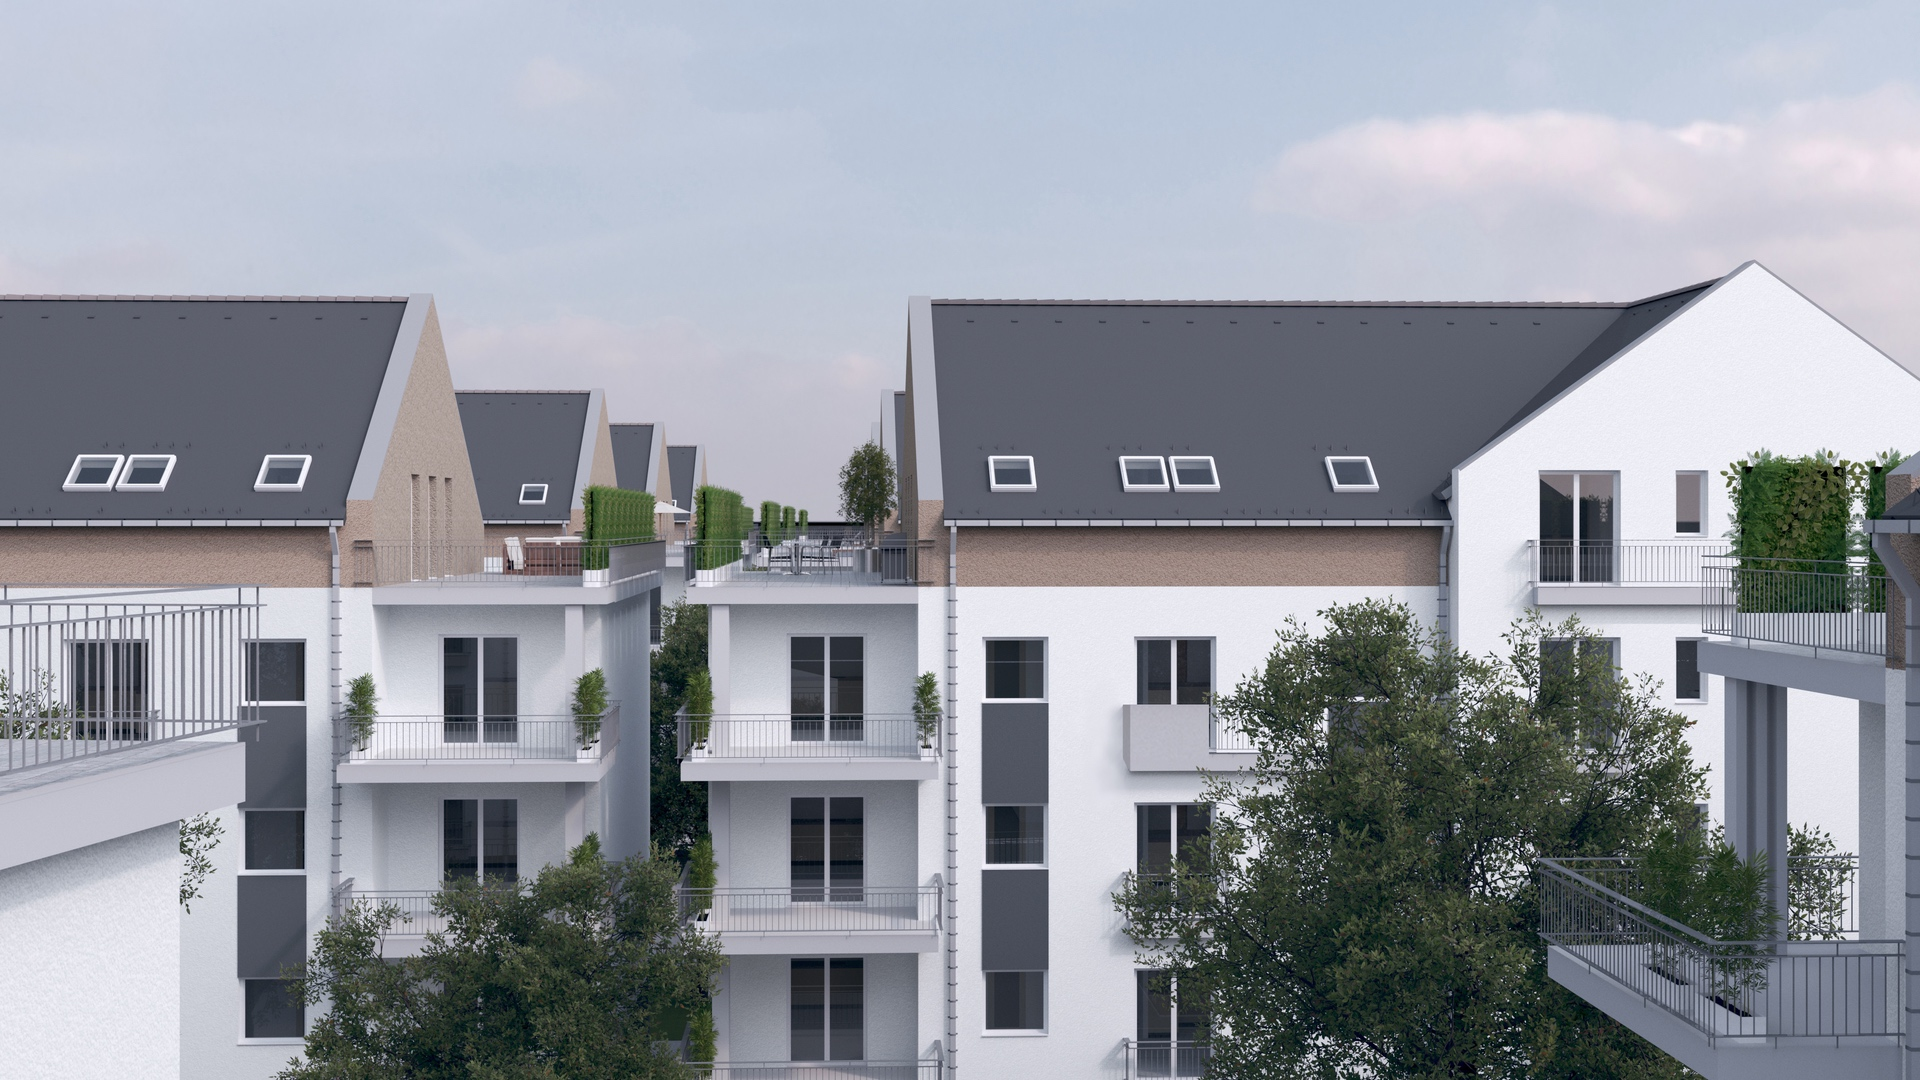 Soroksár apartments